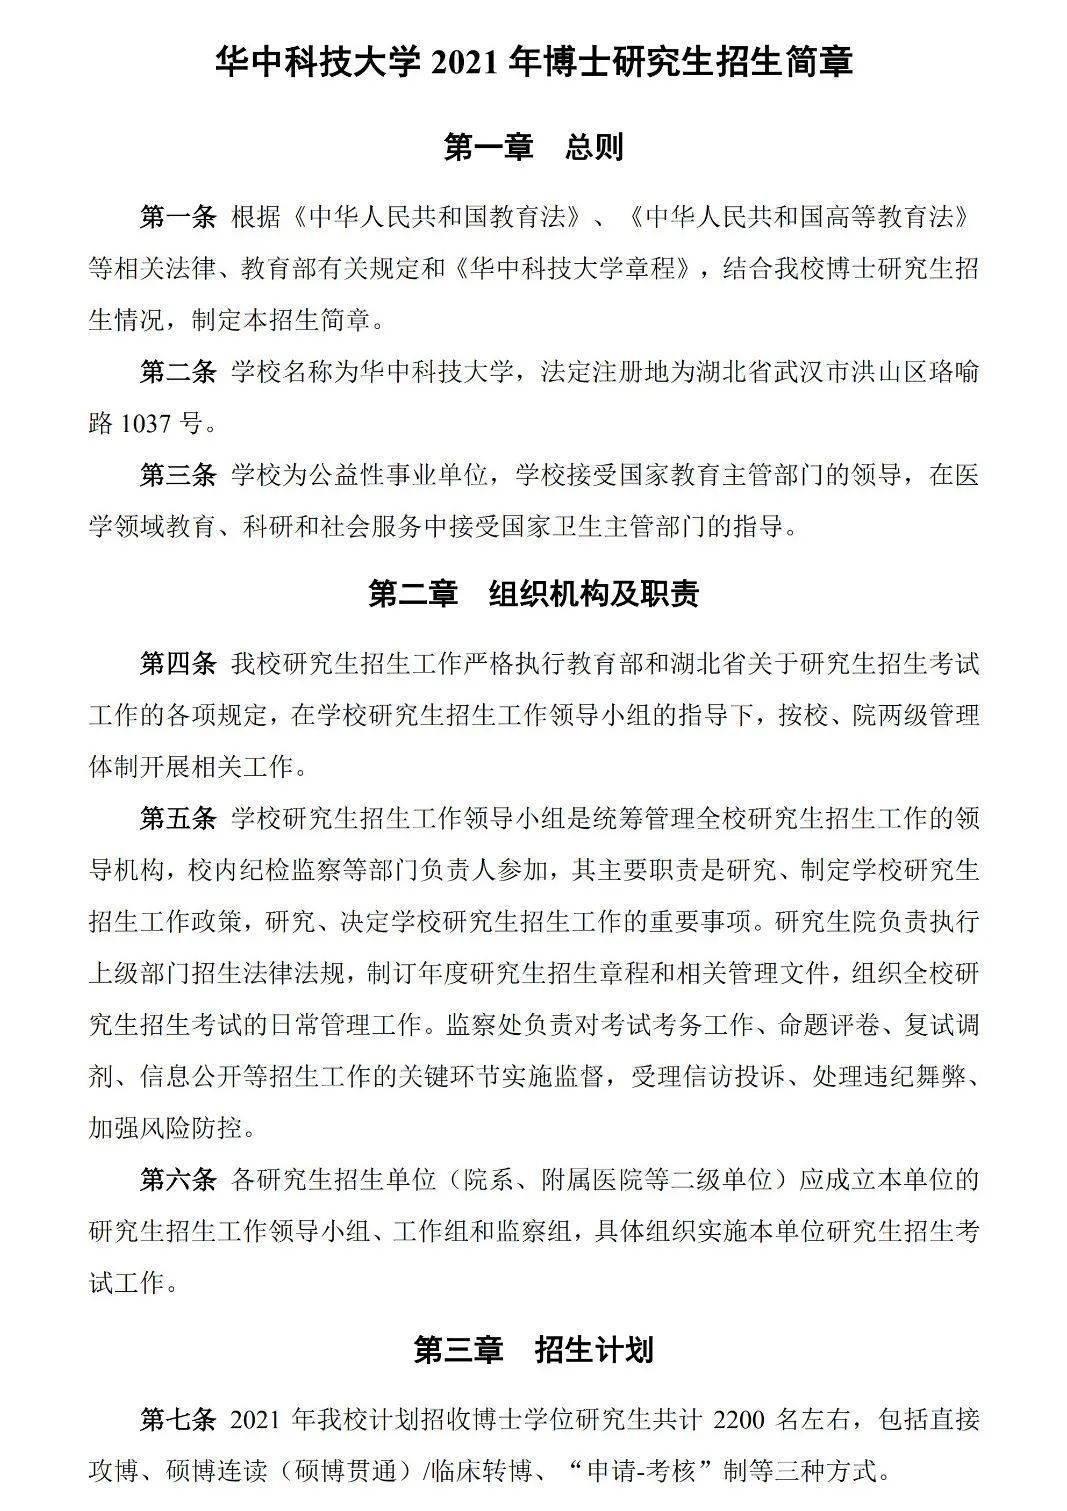 招博士生2200名,华中科技大学2021年博士生招生简章